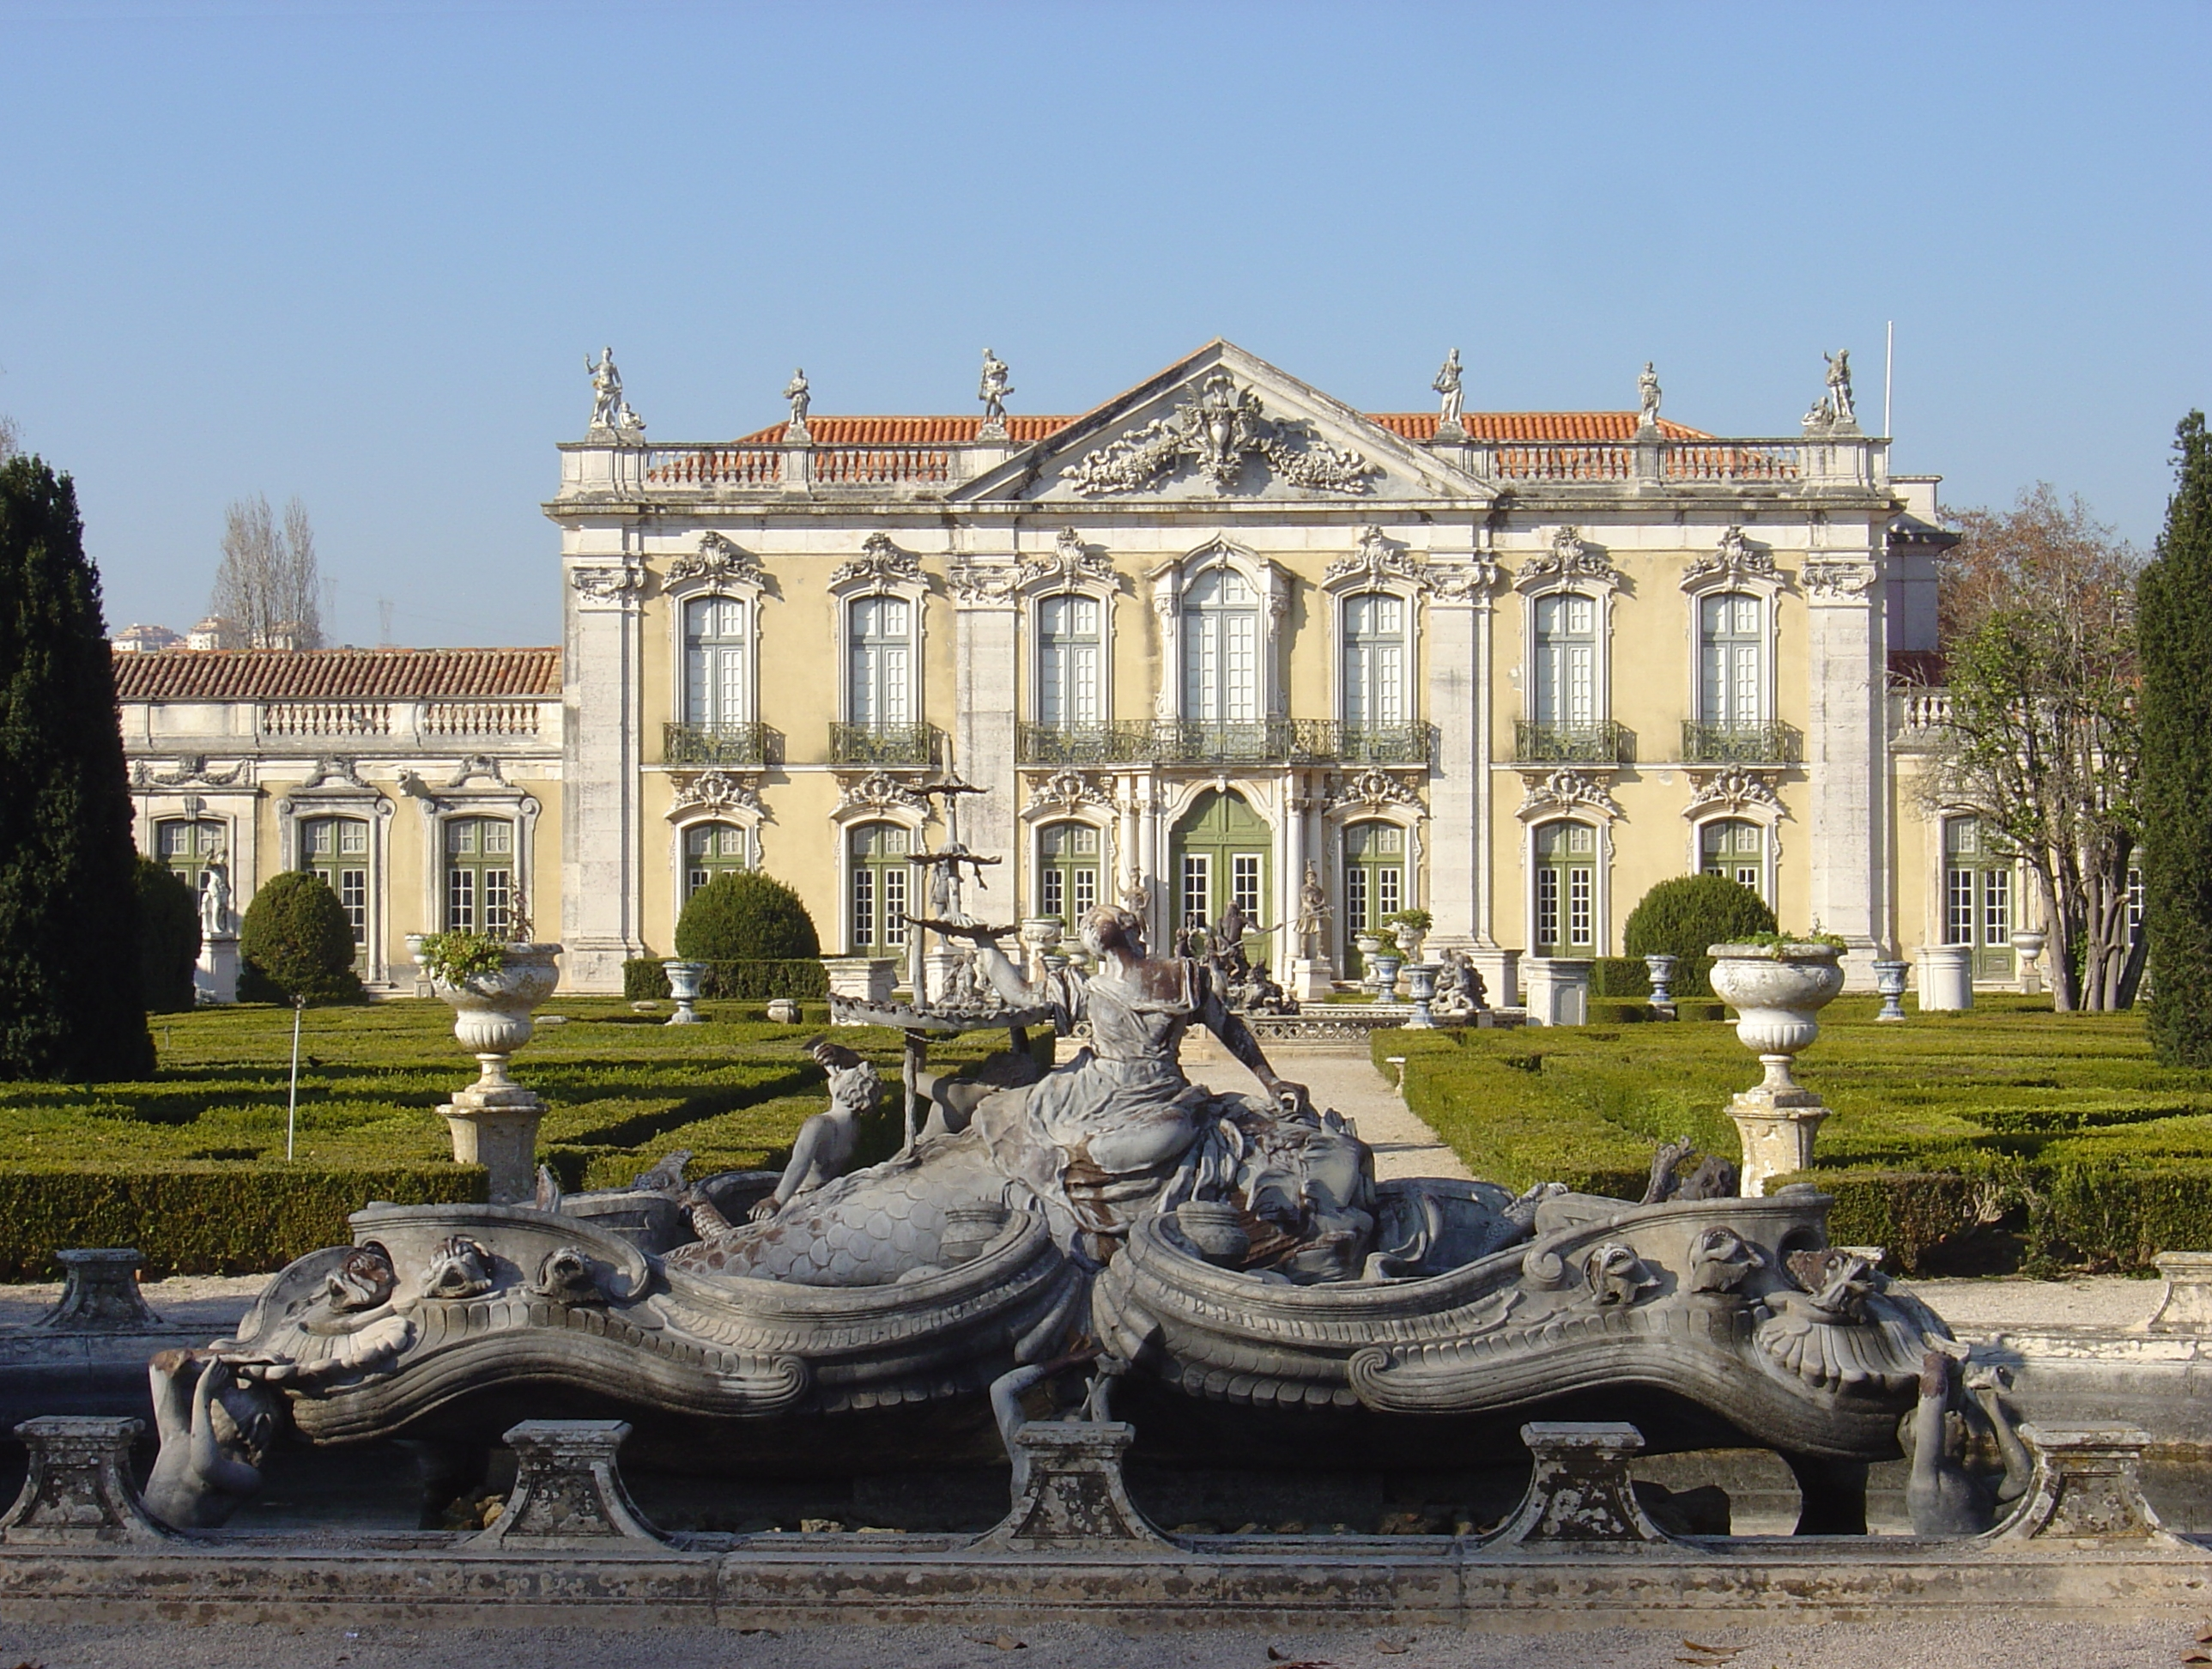 Португальское рококо - это... Что такое Португальское рококо?